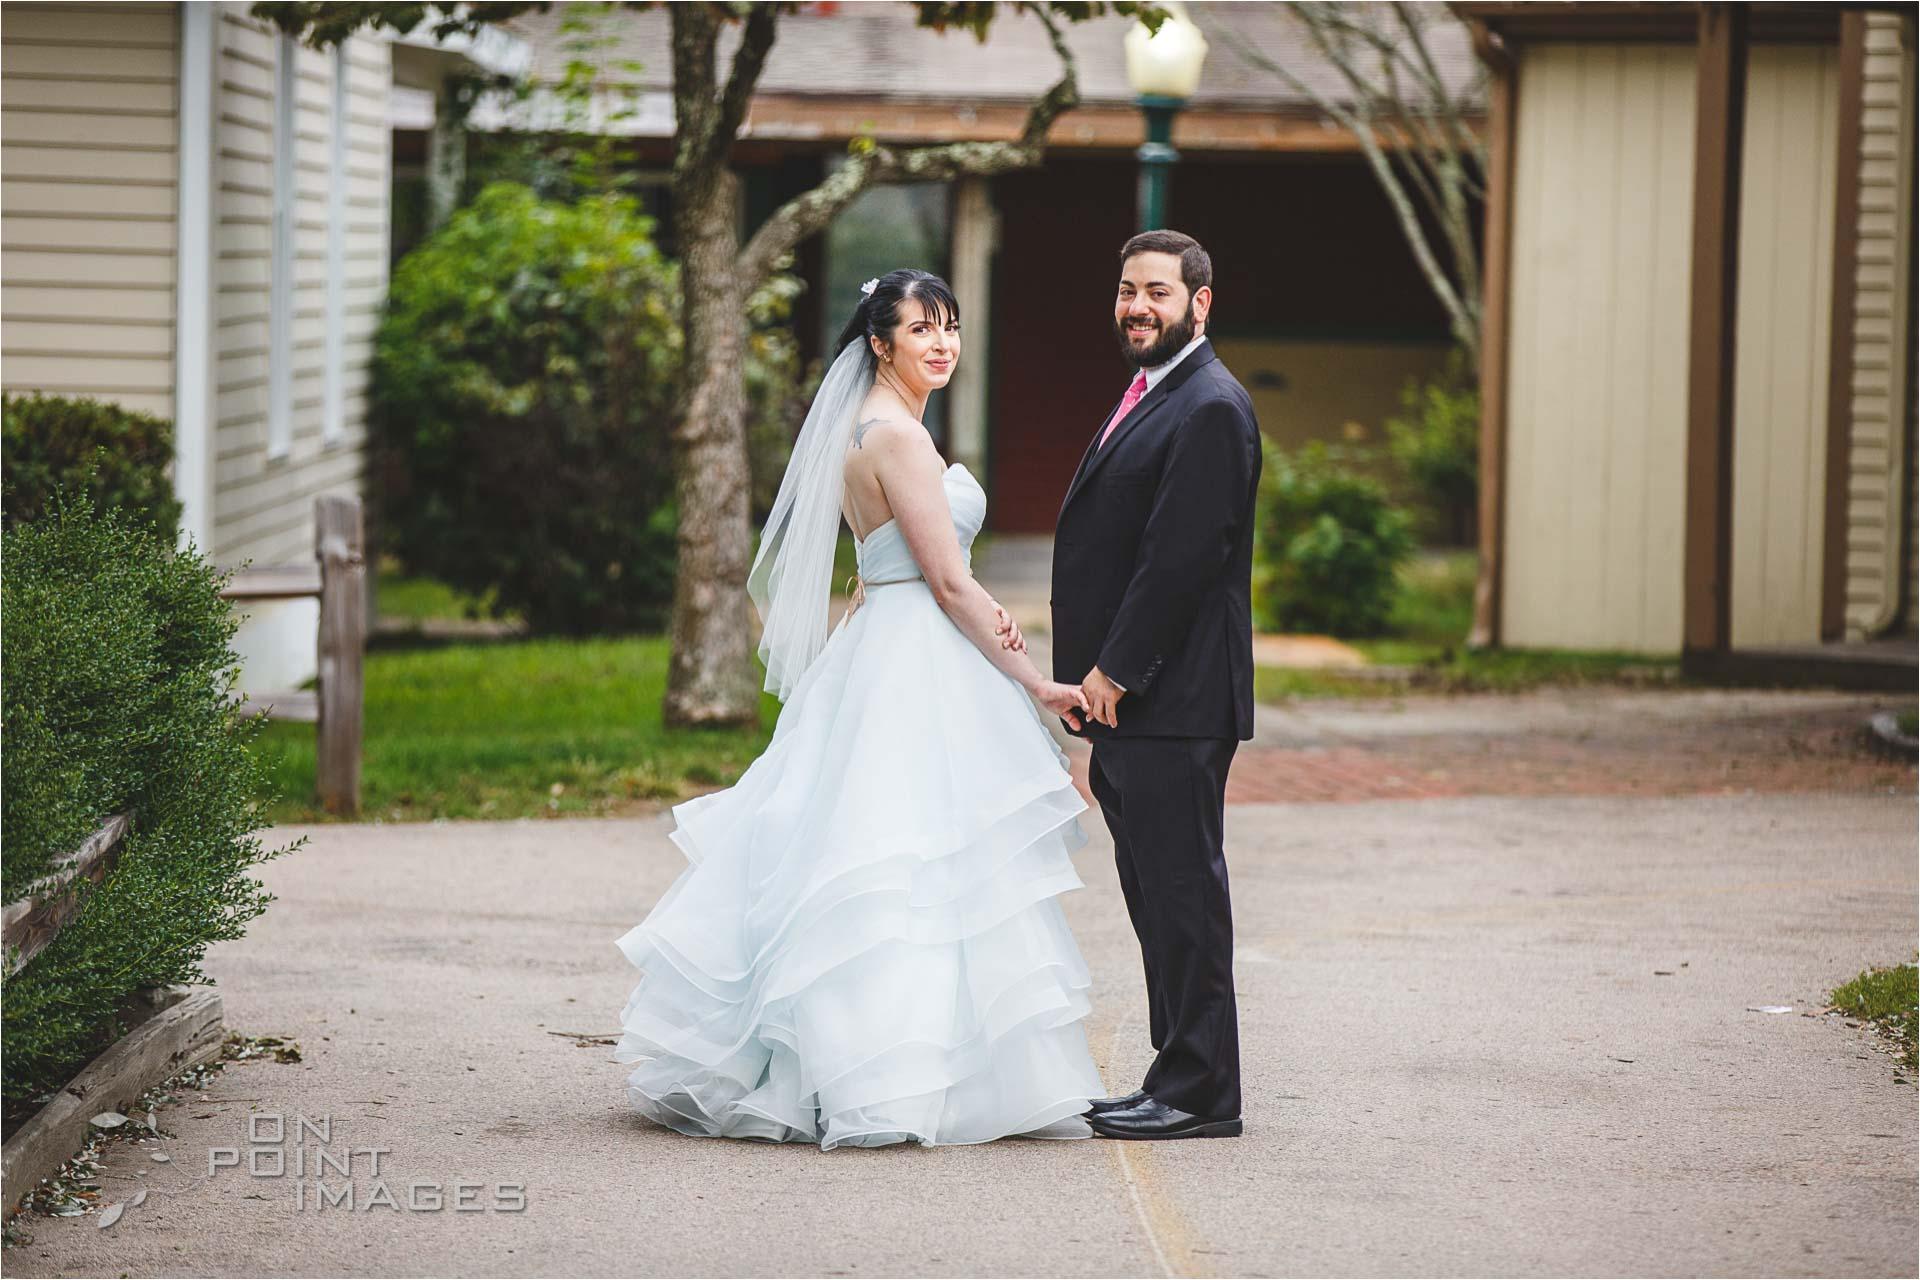 mystic-aquarium-wedding-photographs-15.jpg